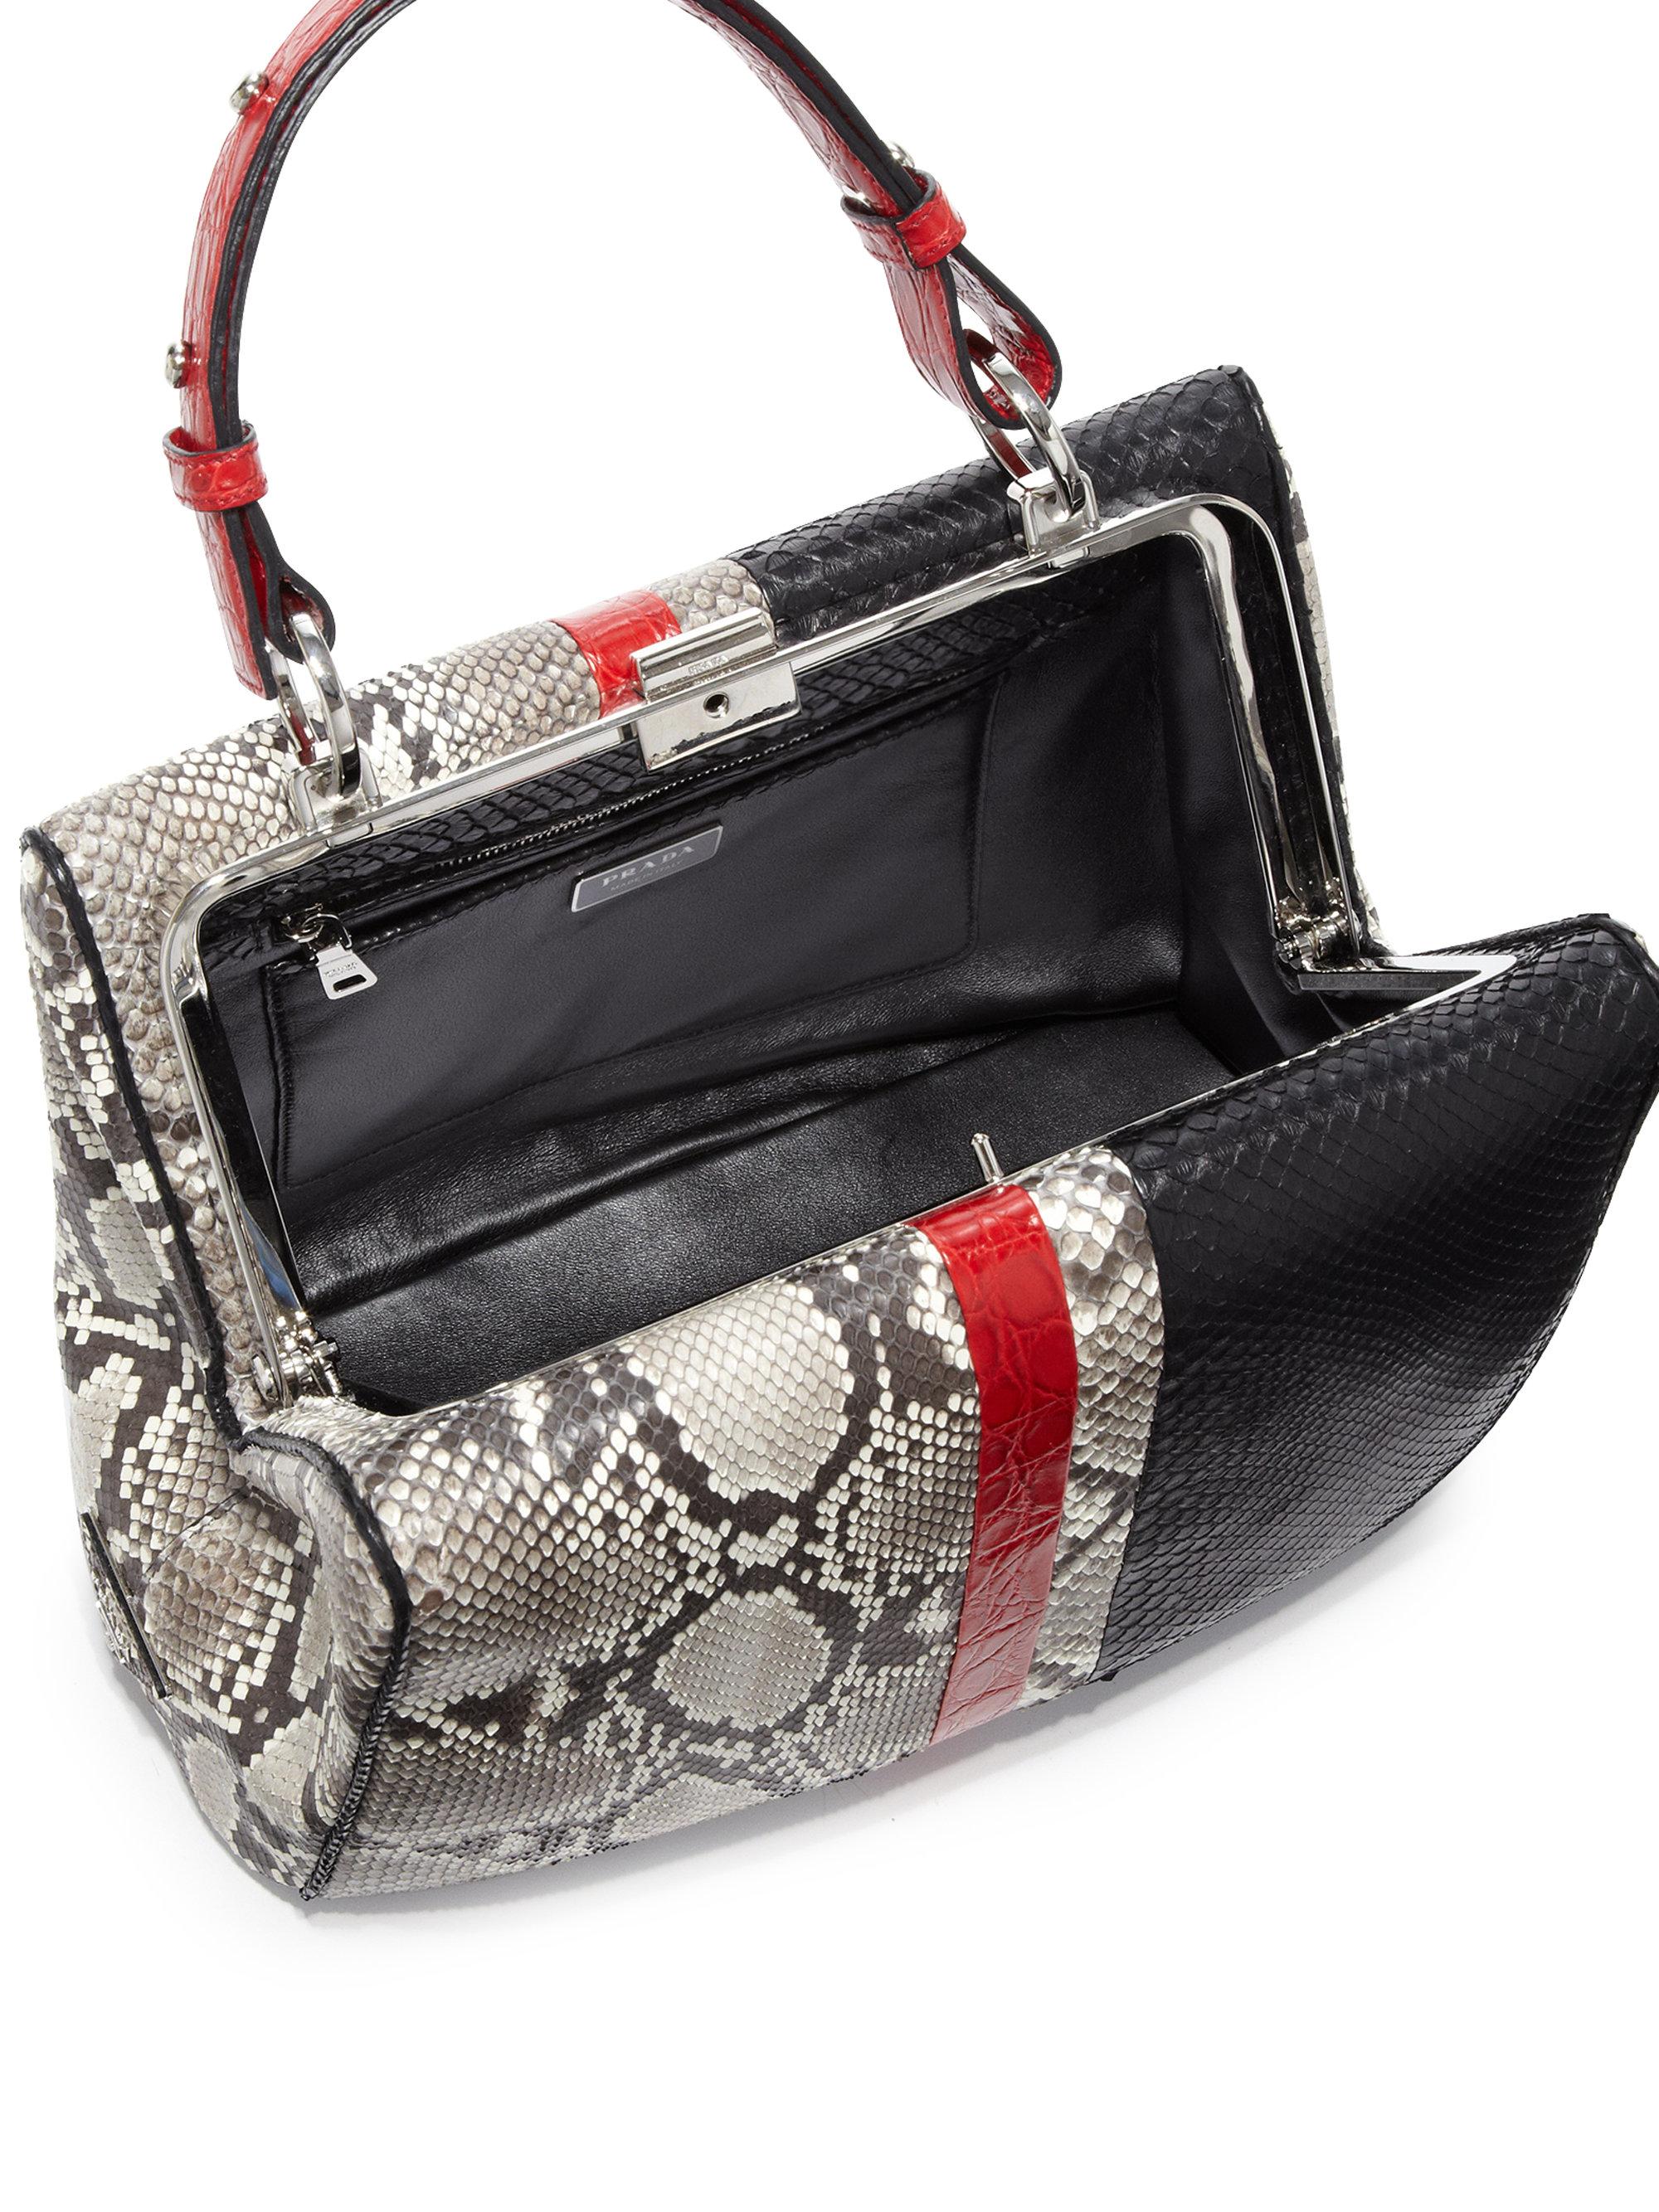 11fcd16fa9f5 Prada Python & Crocodile Baiadera Frame Bag in Black - Lyst